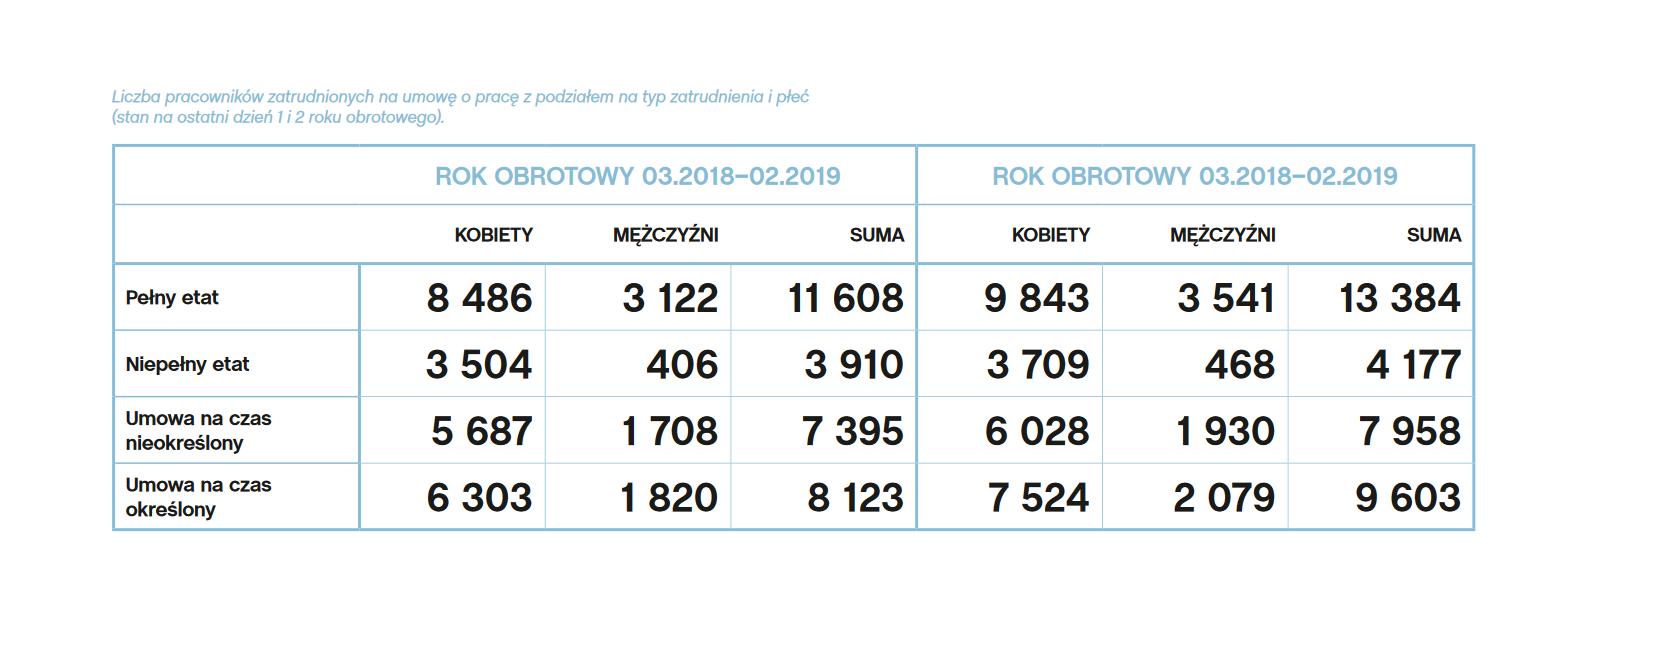 Liczba pracowników zatrudnionych na umowę o pracę z podziałem na typ zatrudnienia i płeć (stan na ostatni dzień 1 i2 roku obrotowego). (źródło: Raport zrównoważonego rozwoju Lidl Polska)